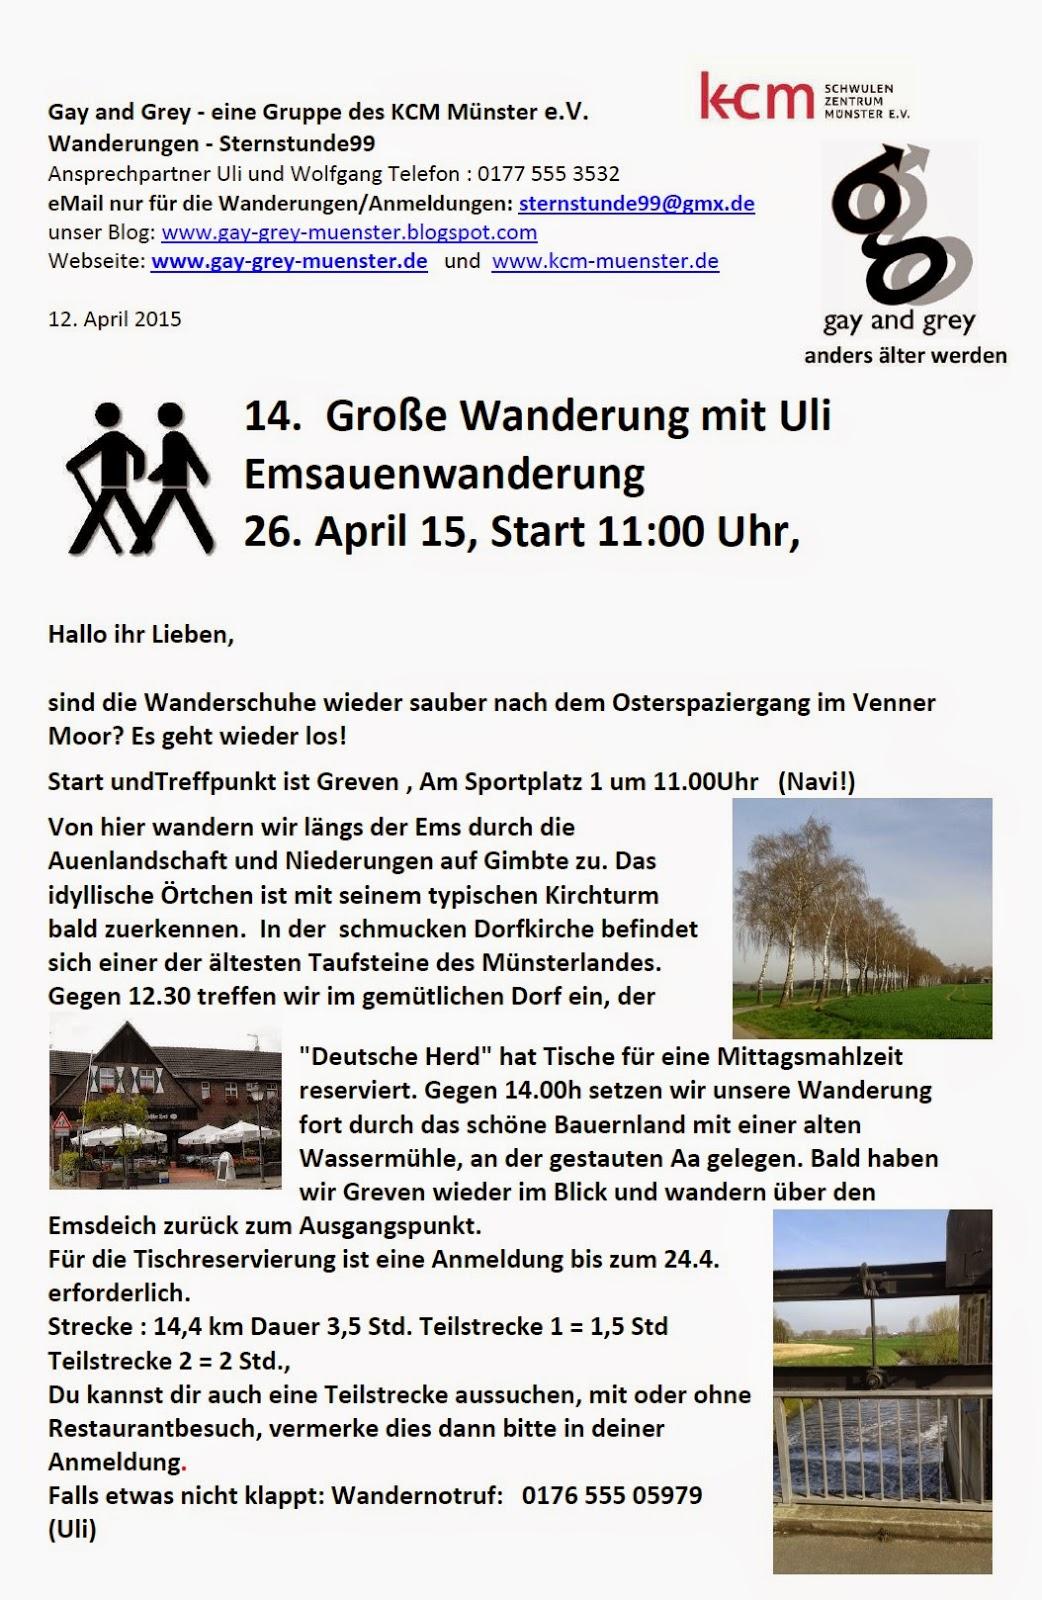 Heute gay treffen in münster [PUNIQRANDLINE-(au-dating-names.txt) 25